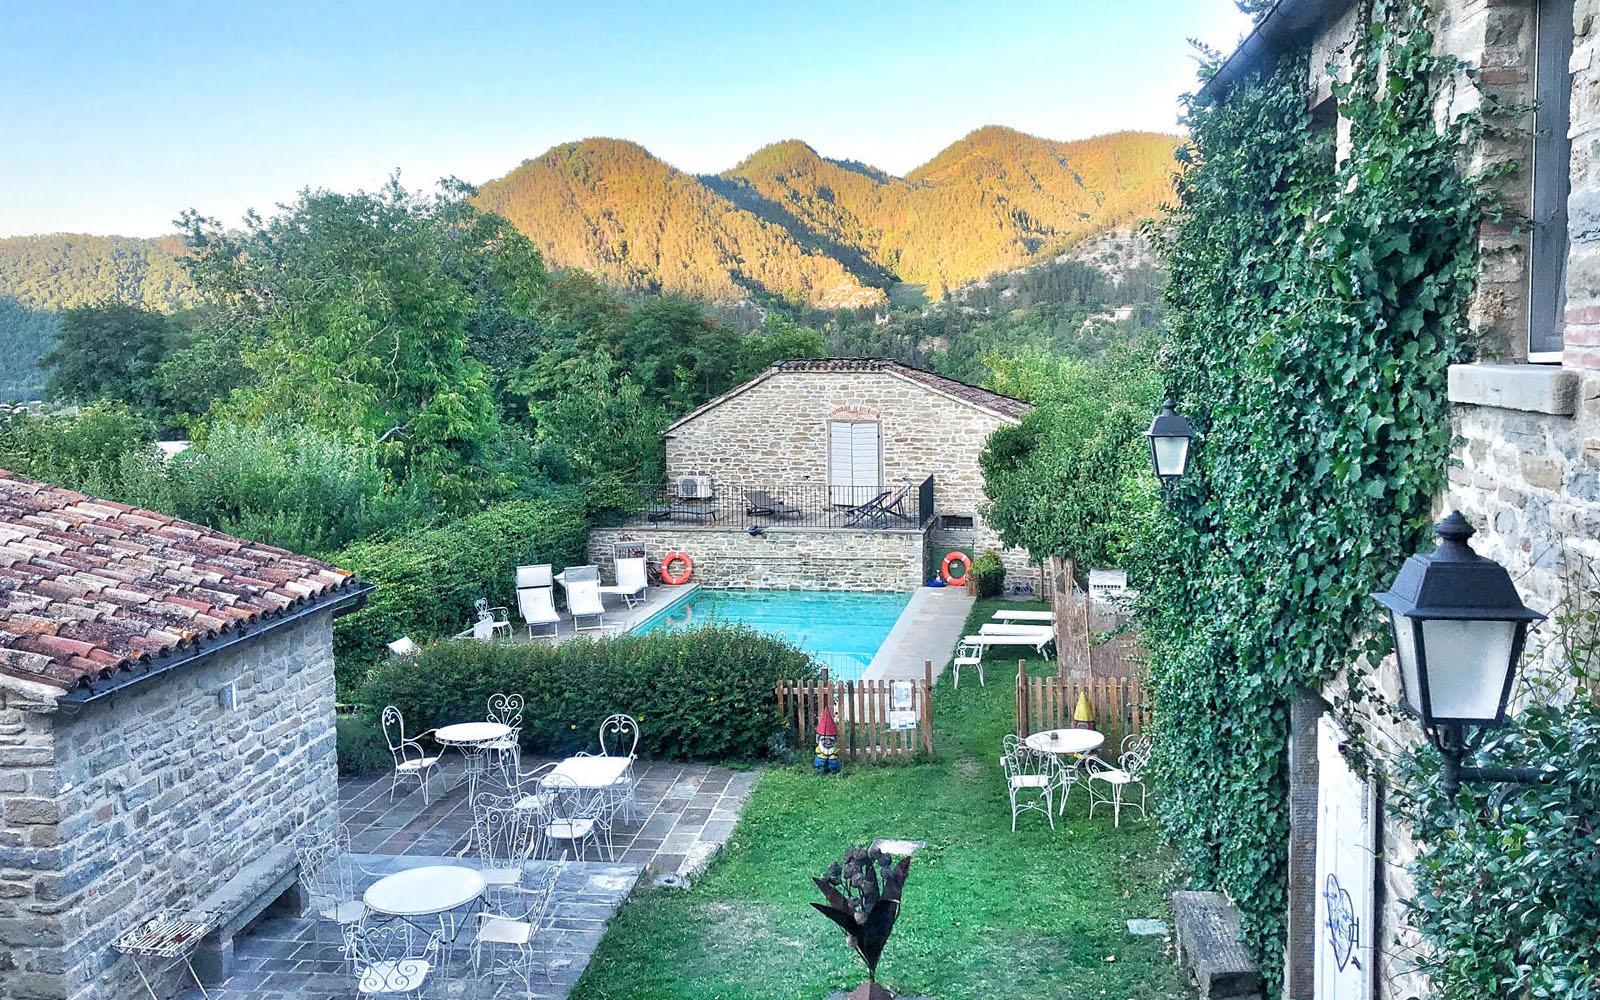 La piscina e il panorama della Locanda Campanara a Pianetto. © oltreilbalcone